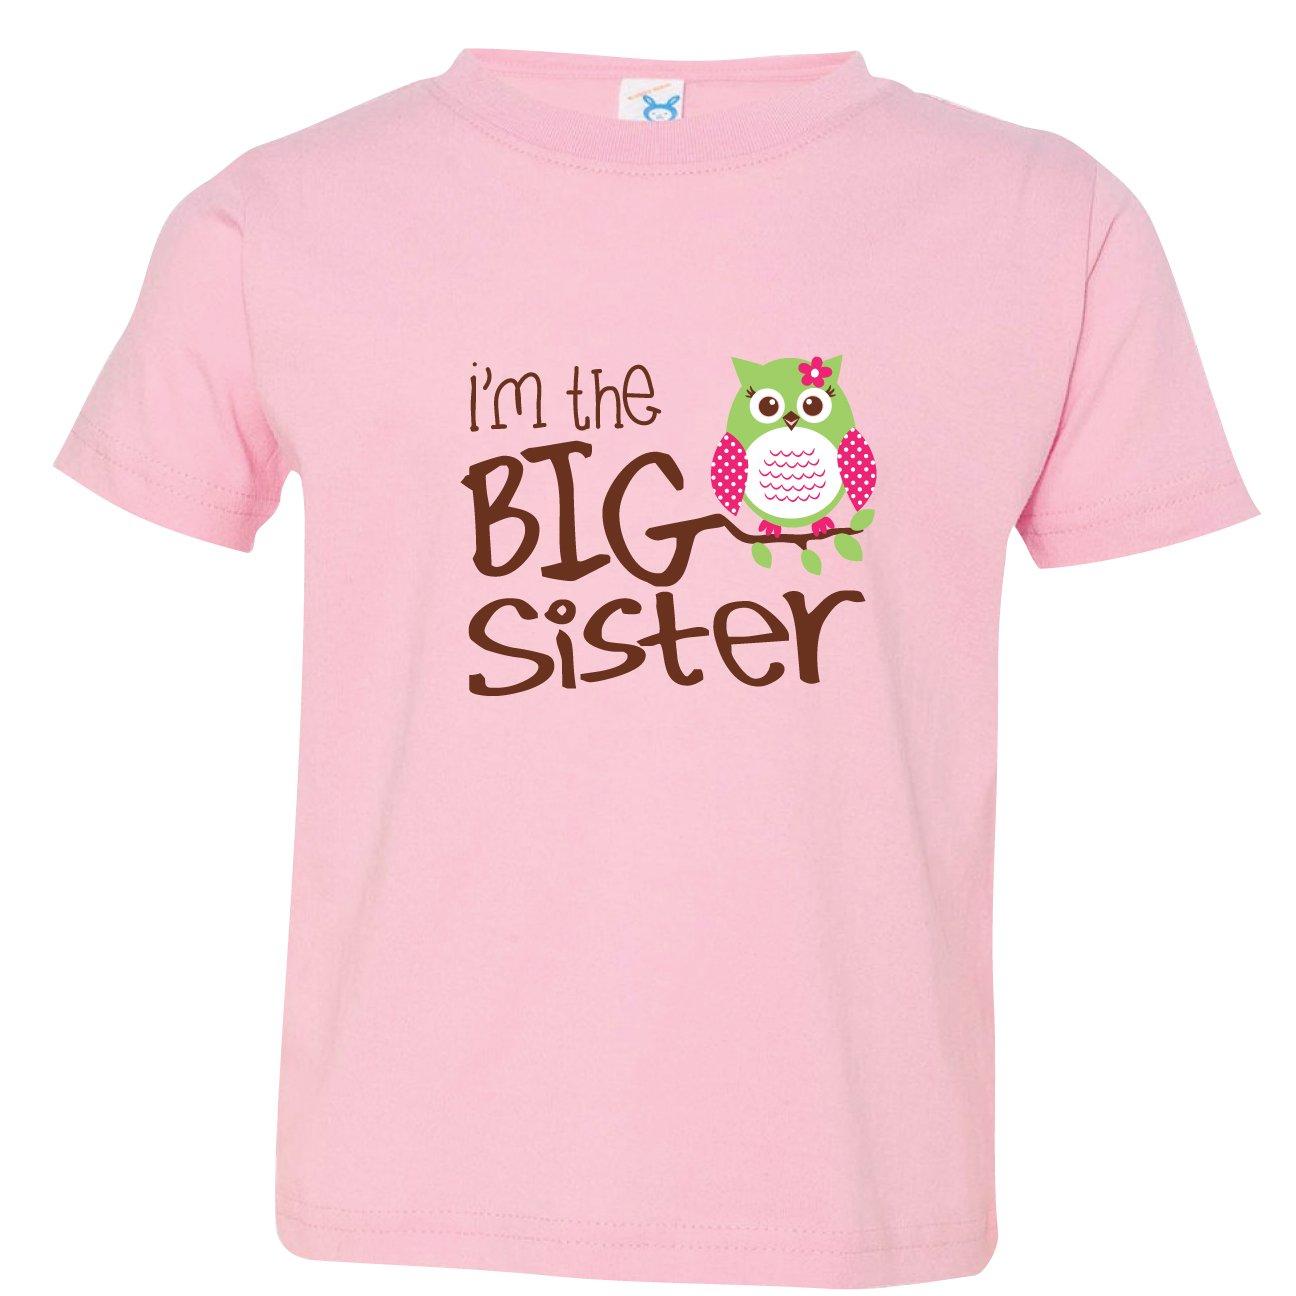 【送料関税無料】 Nursery Decals Owl, and More SHIRT SHIRT ベビーガールズ Sister 4 Owl, I'm the Big Sister B00VKQPEJ0, 家具通販kagu-world:cce3a32b --- a0267596.xsph.ru